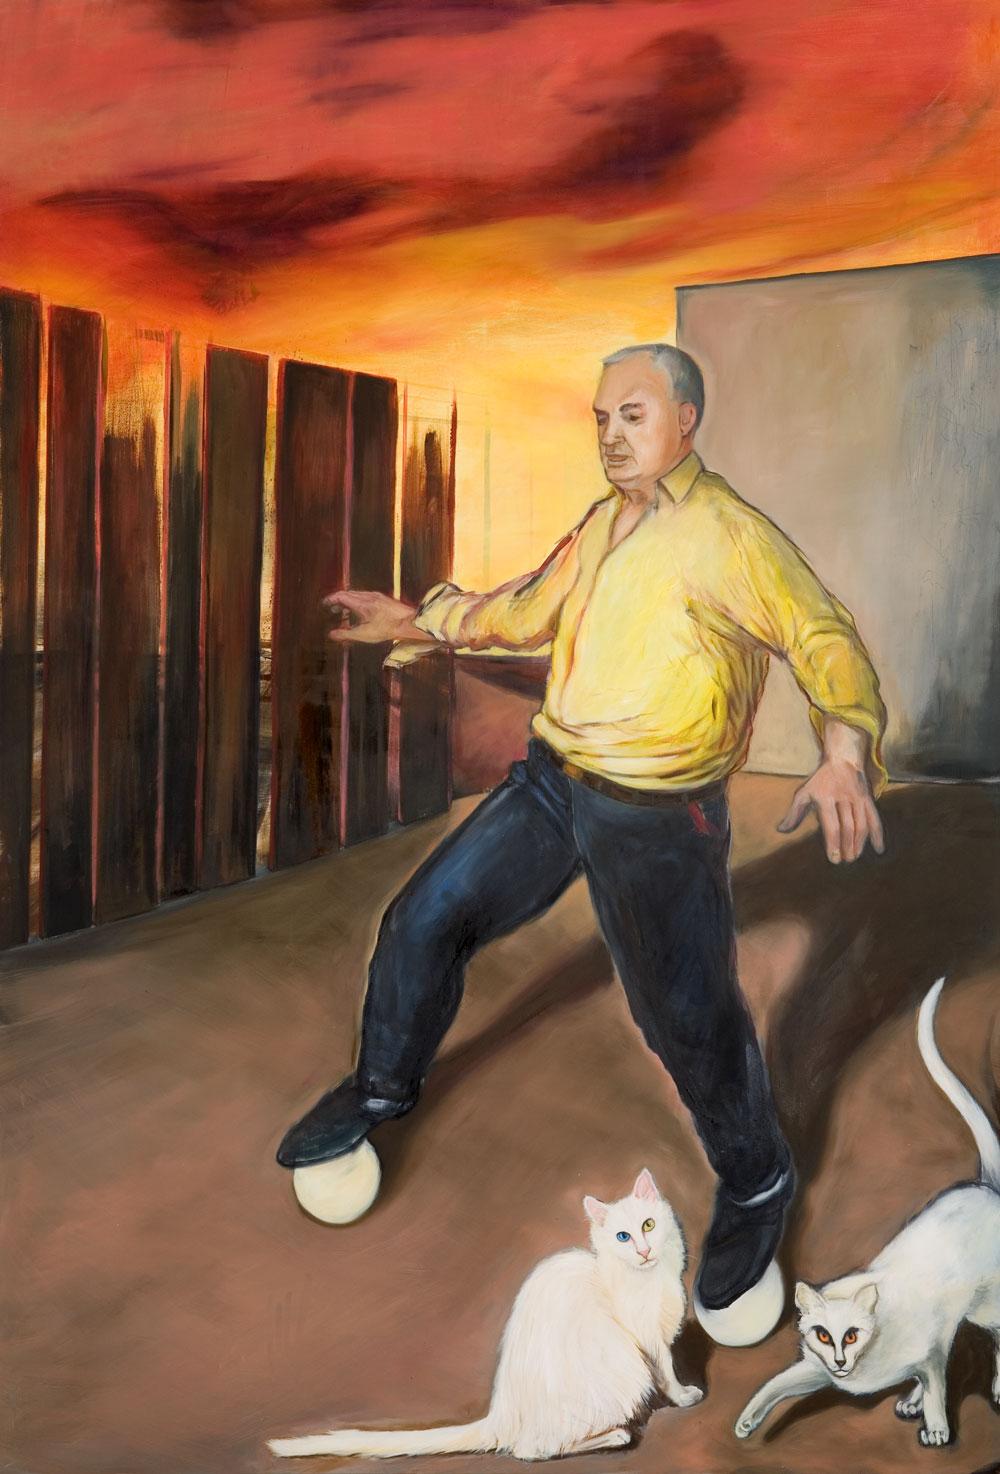 Mann in schwarzen Hosen und gelbem Hemd balanciert auf zwei Bälllen während zwei weisse Katzen um seine Beine streichen